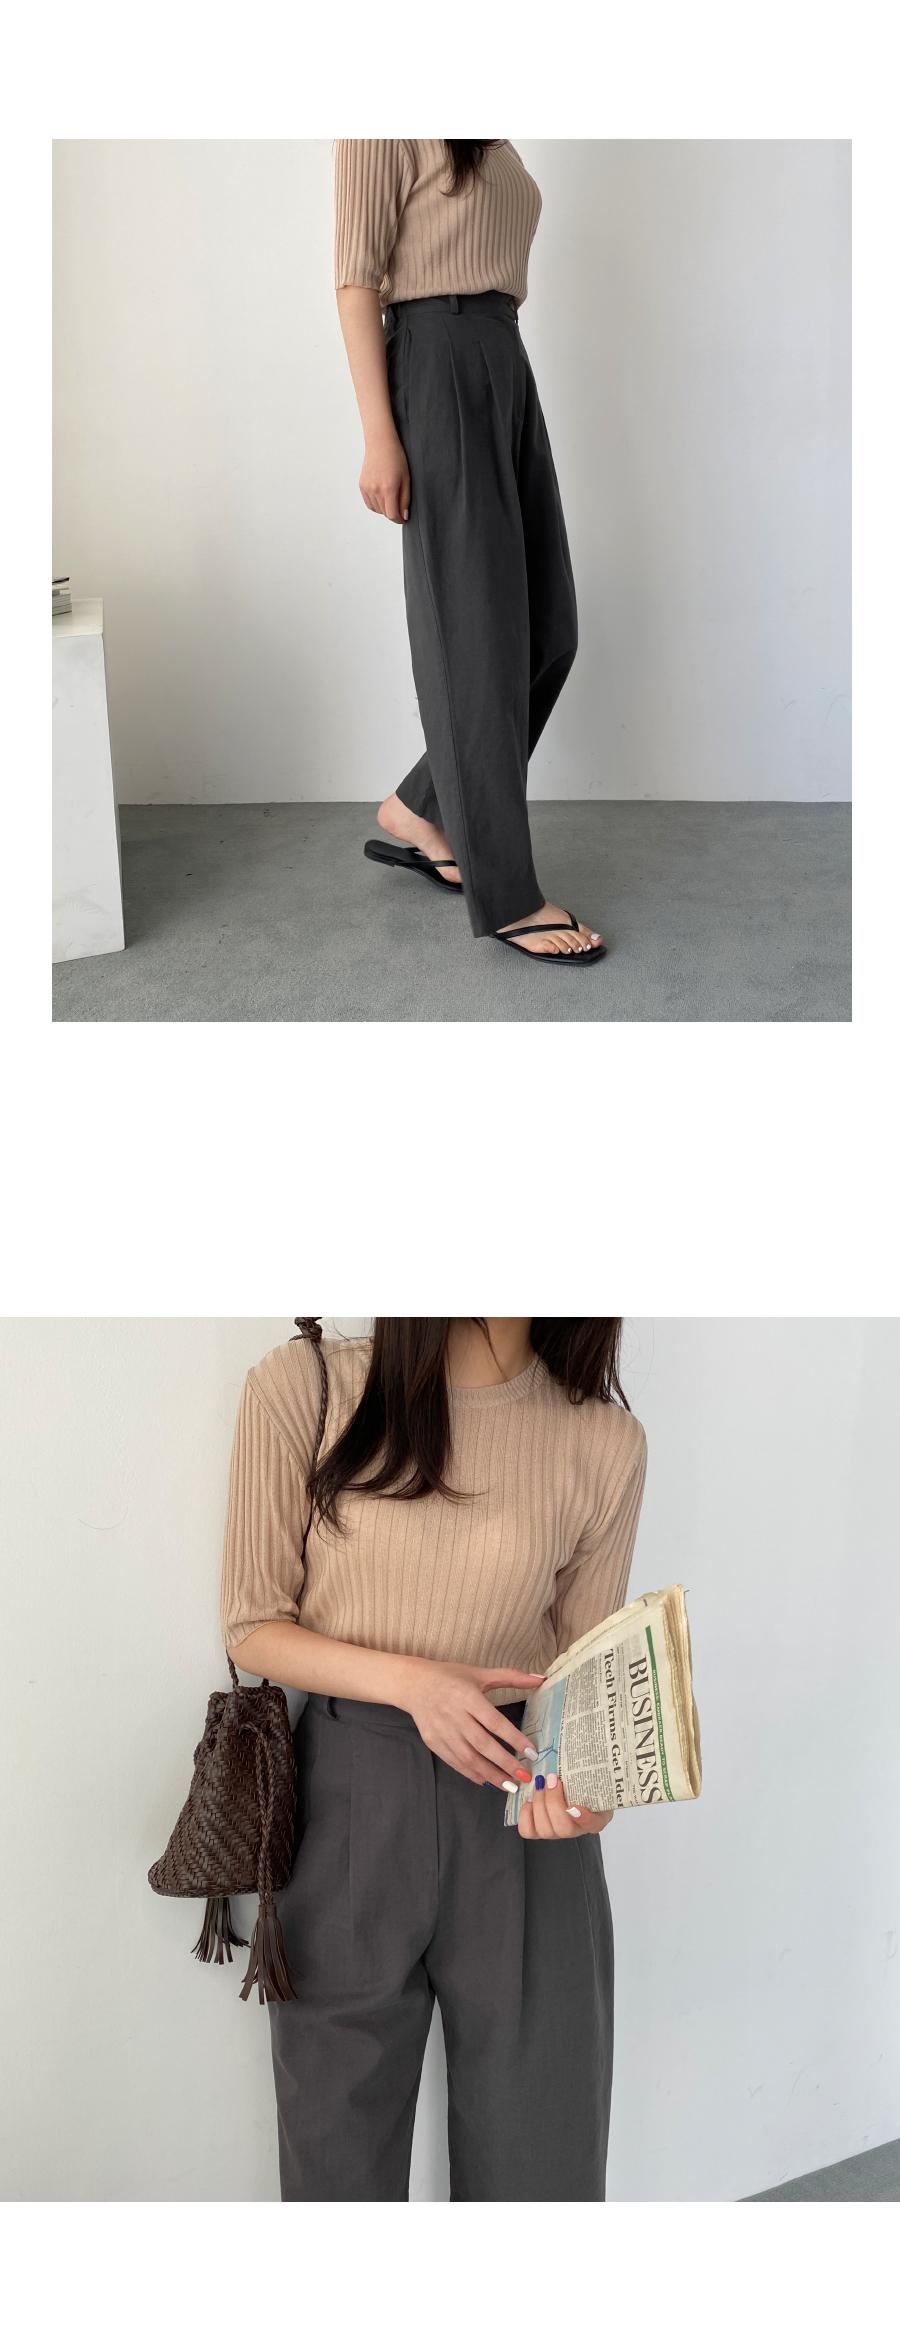 Daily foot pants